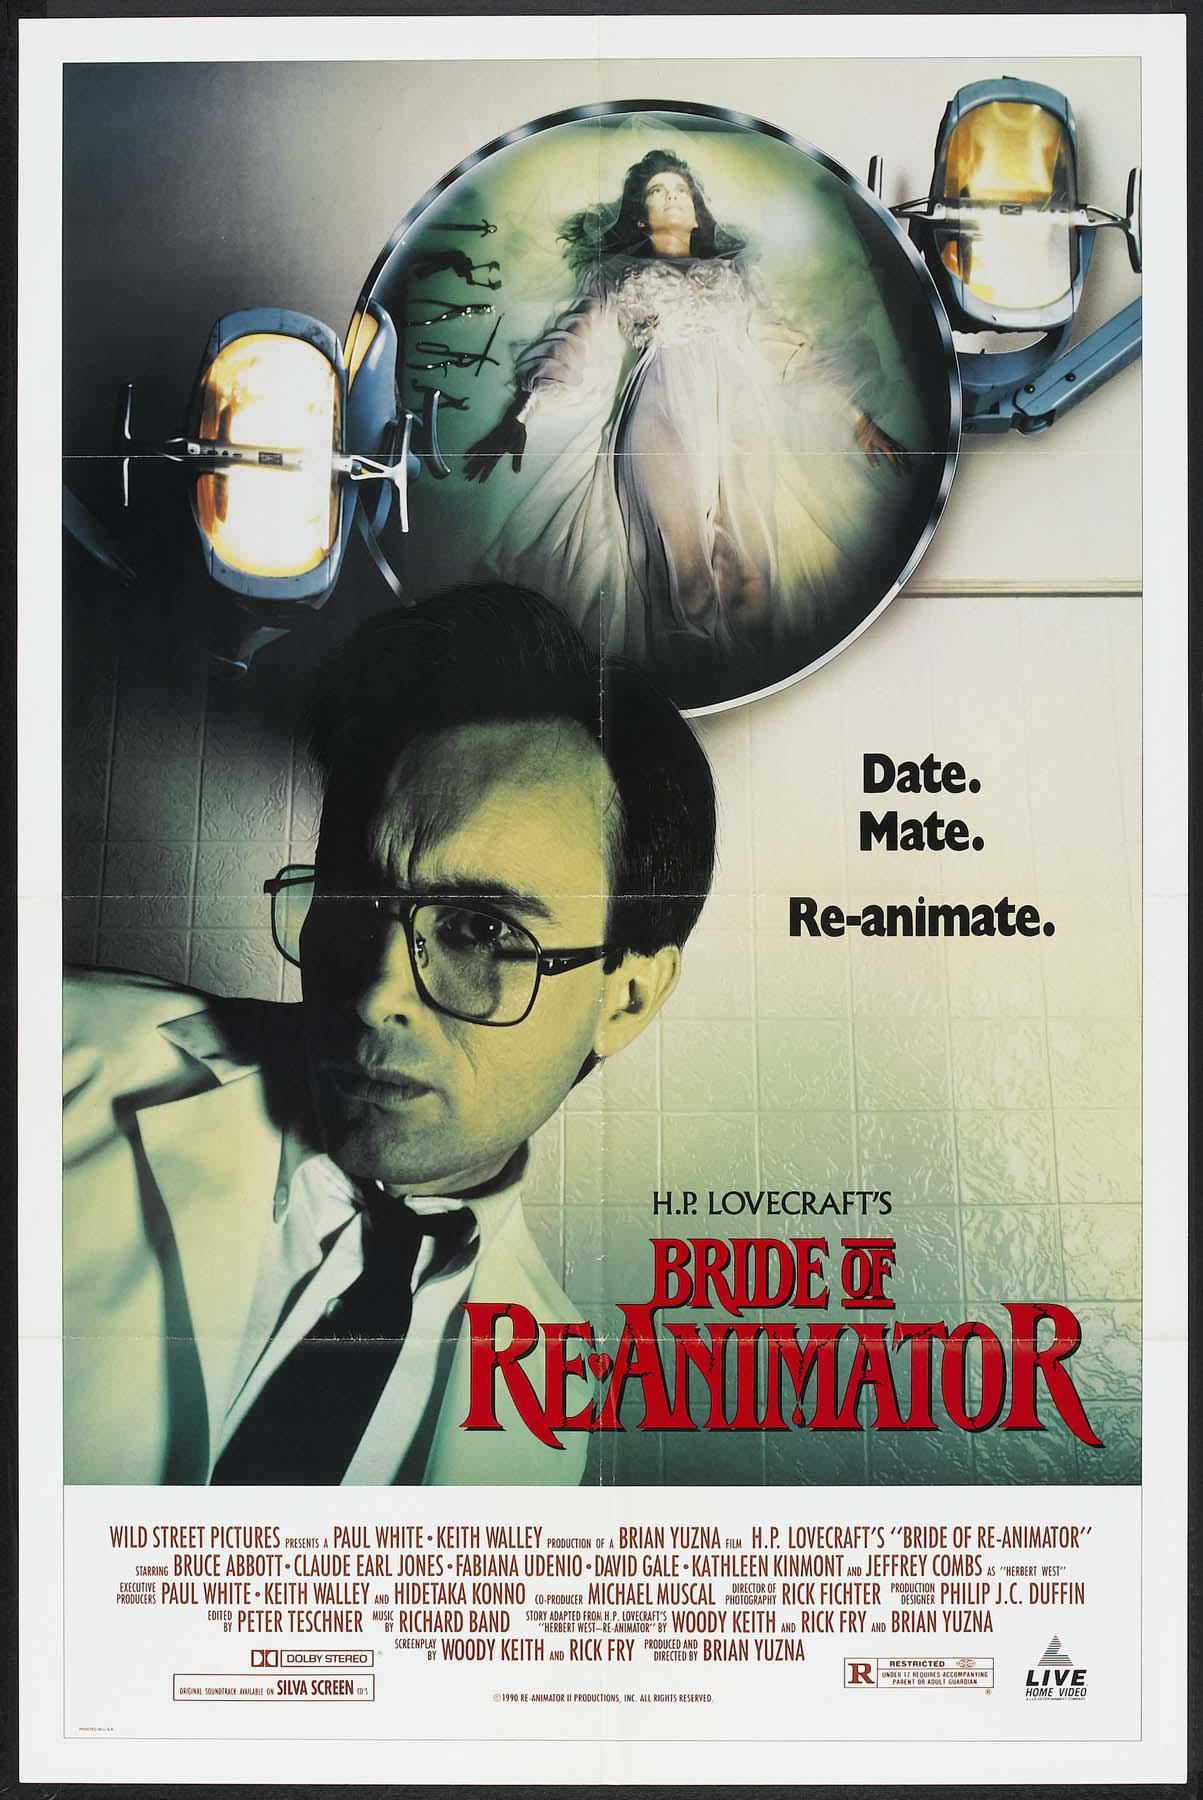 bride of reanimator